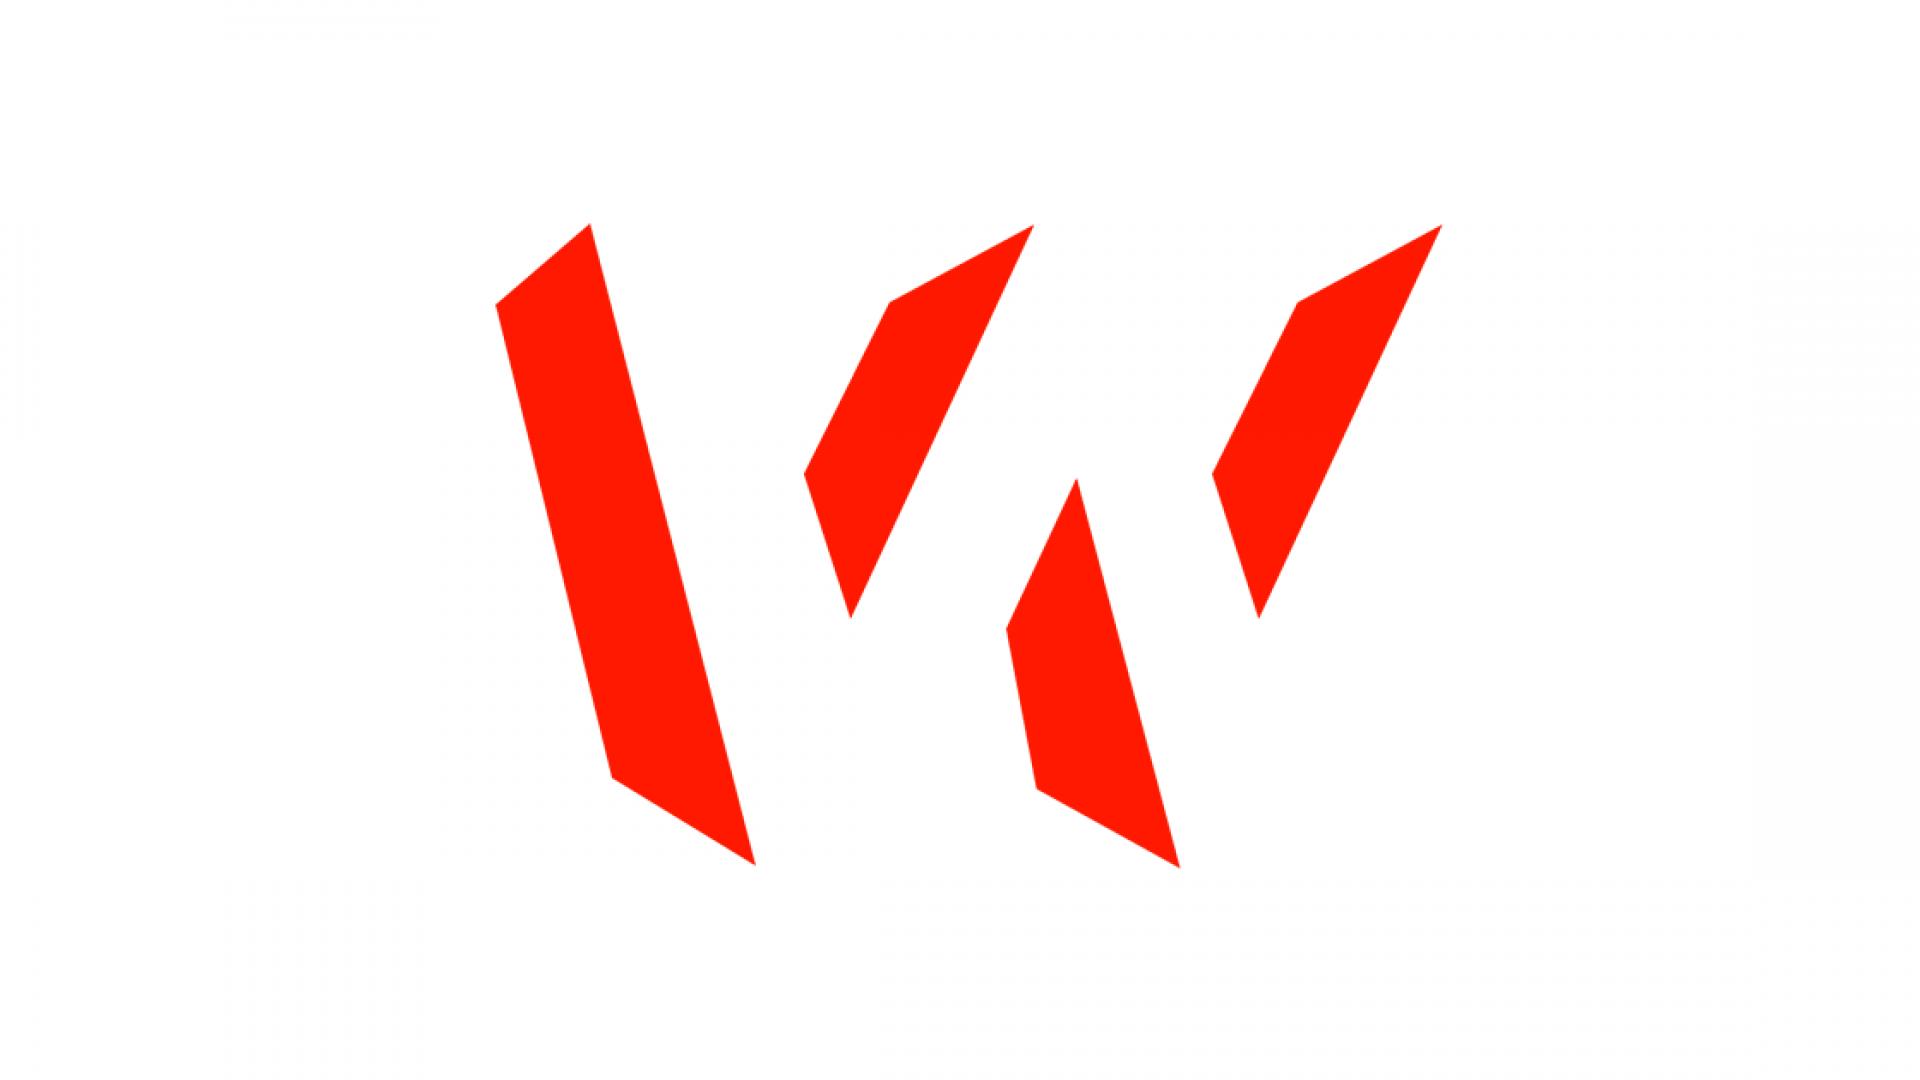 wiener festwochen logo kunstsalon Sans Souci Vienna